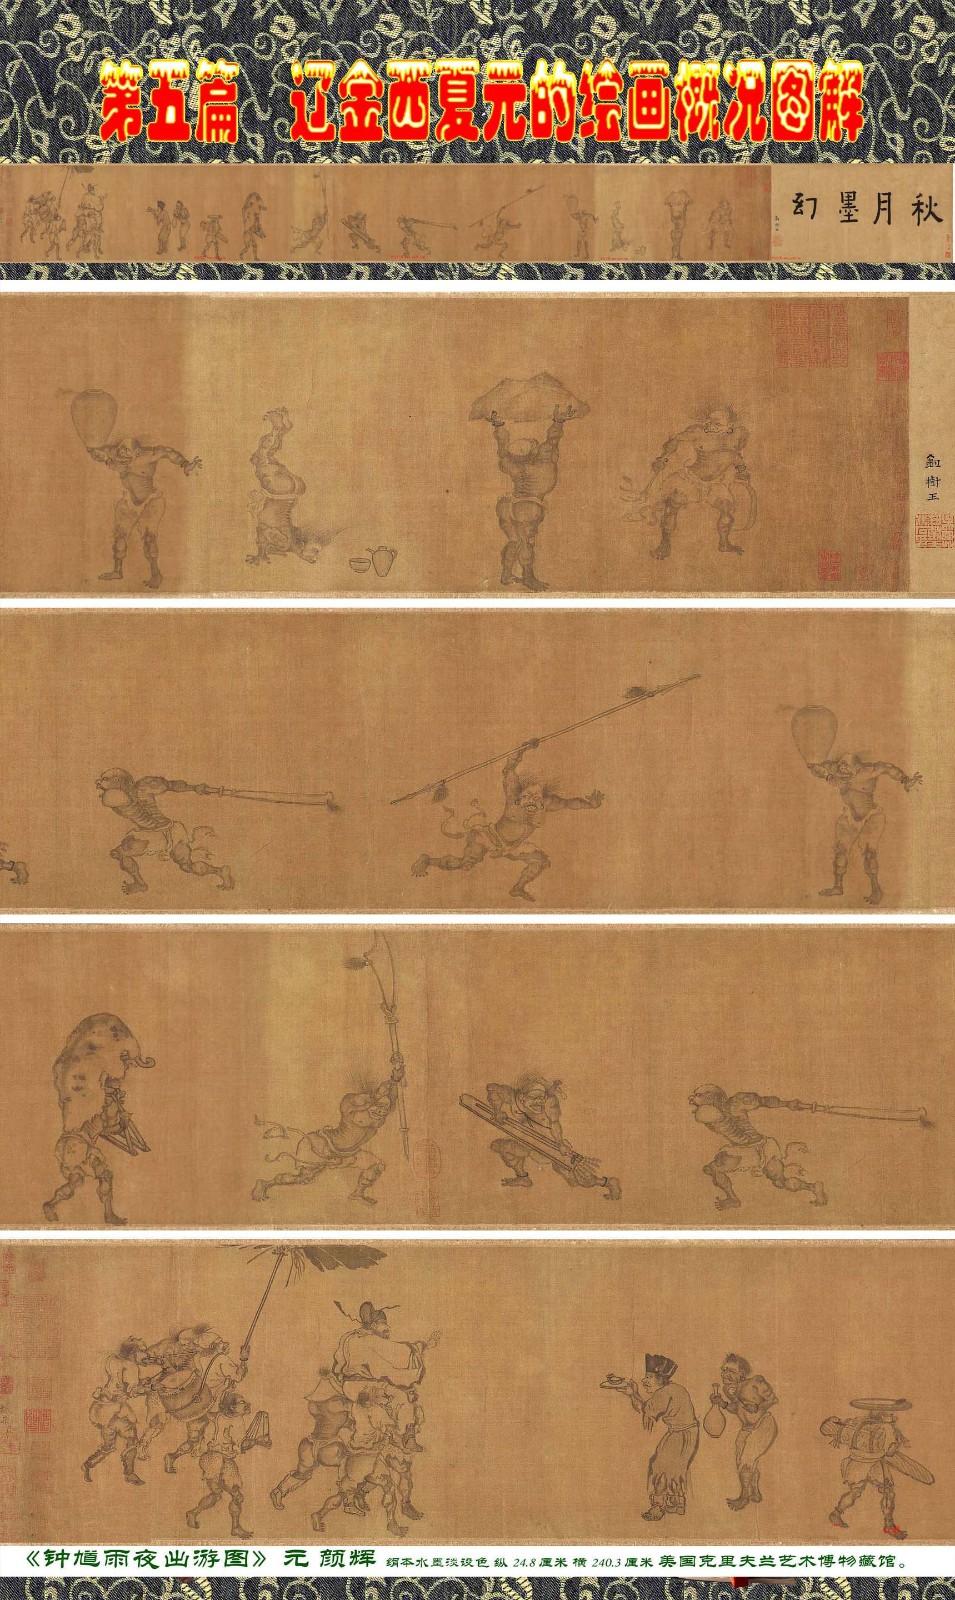 顾绍骅编辑 中国画知识普及版 第五篇 辽金西夏元的绘画概况 下 ... ..._图1-33